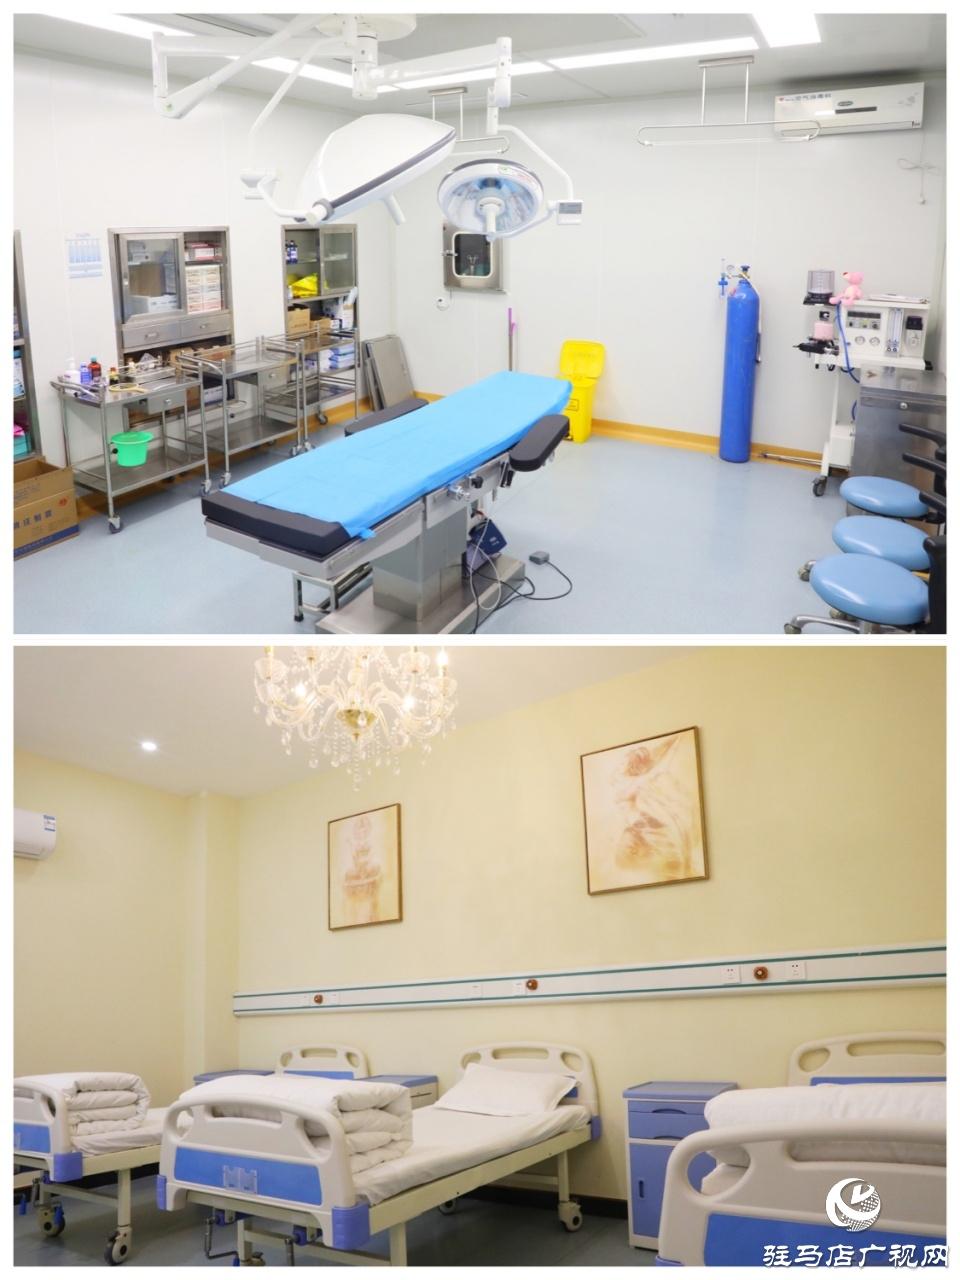 驻马店美林苑医疗整形医院匠心雕琢专属美丽